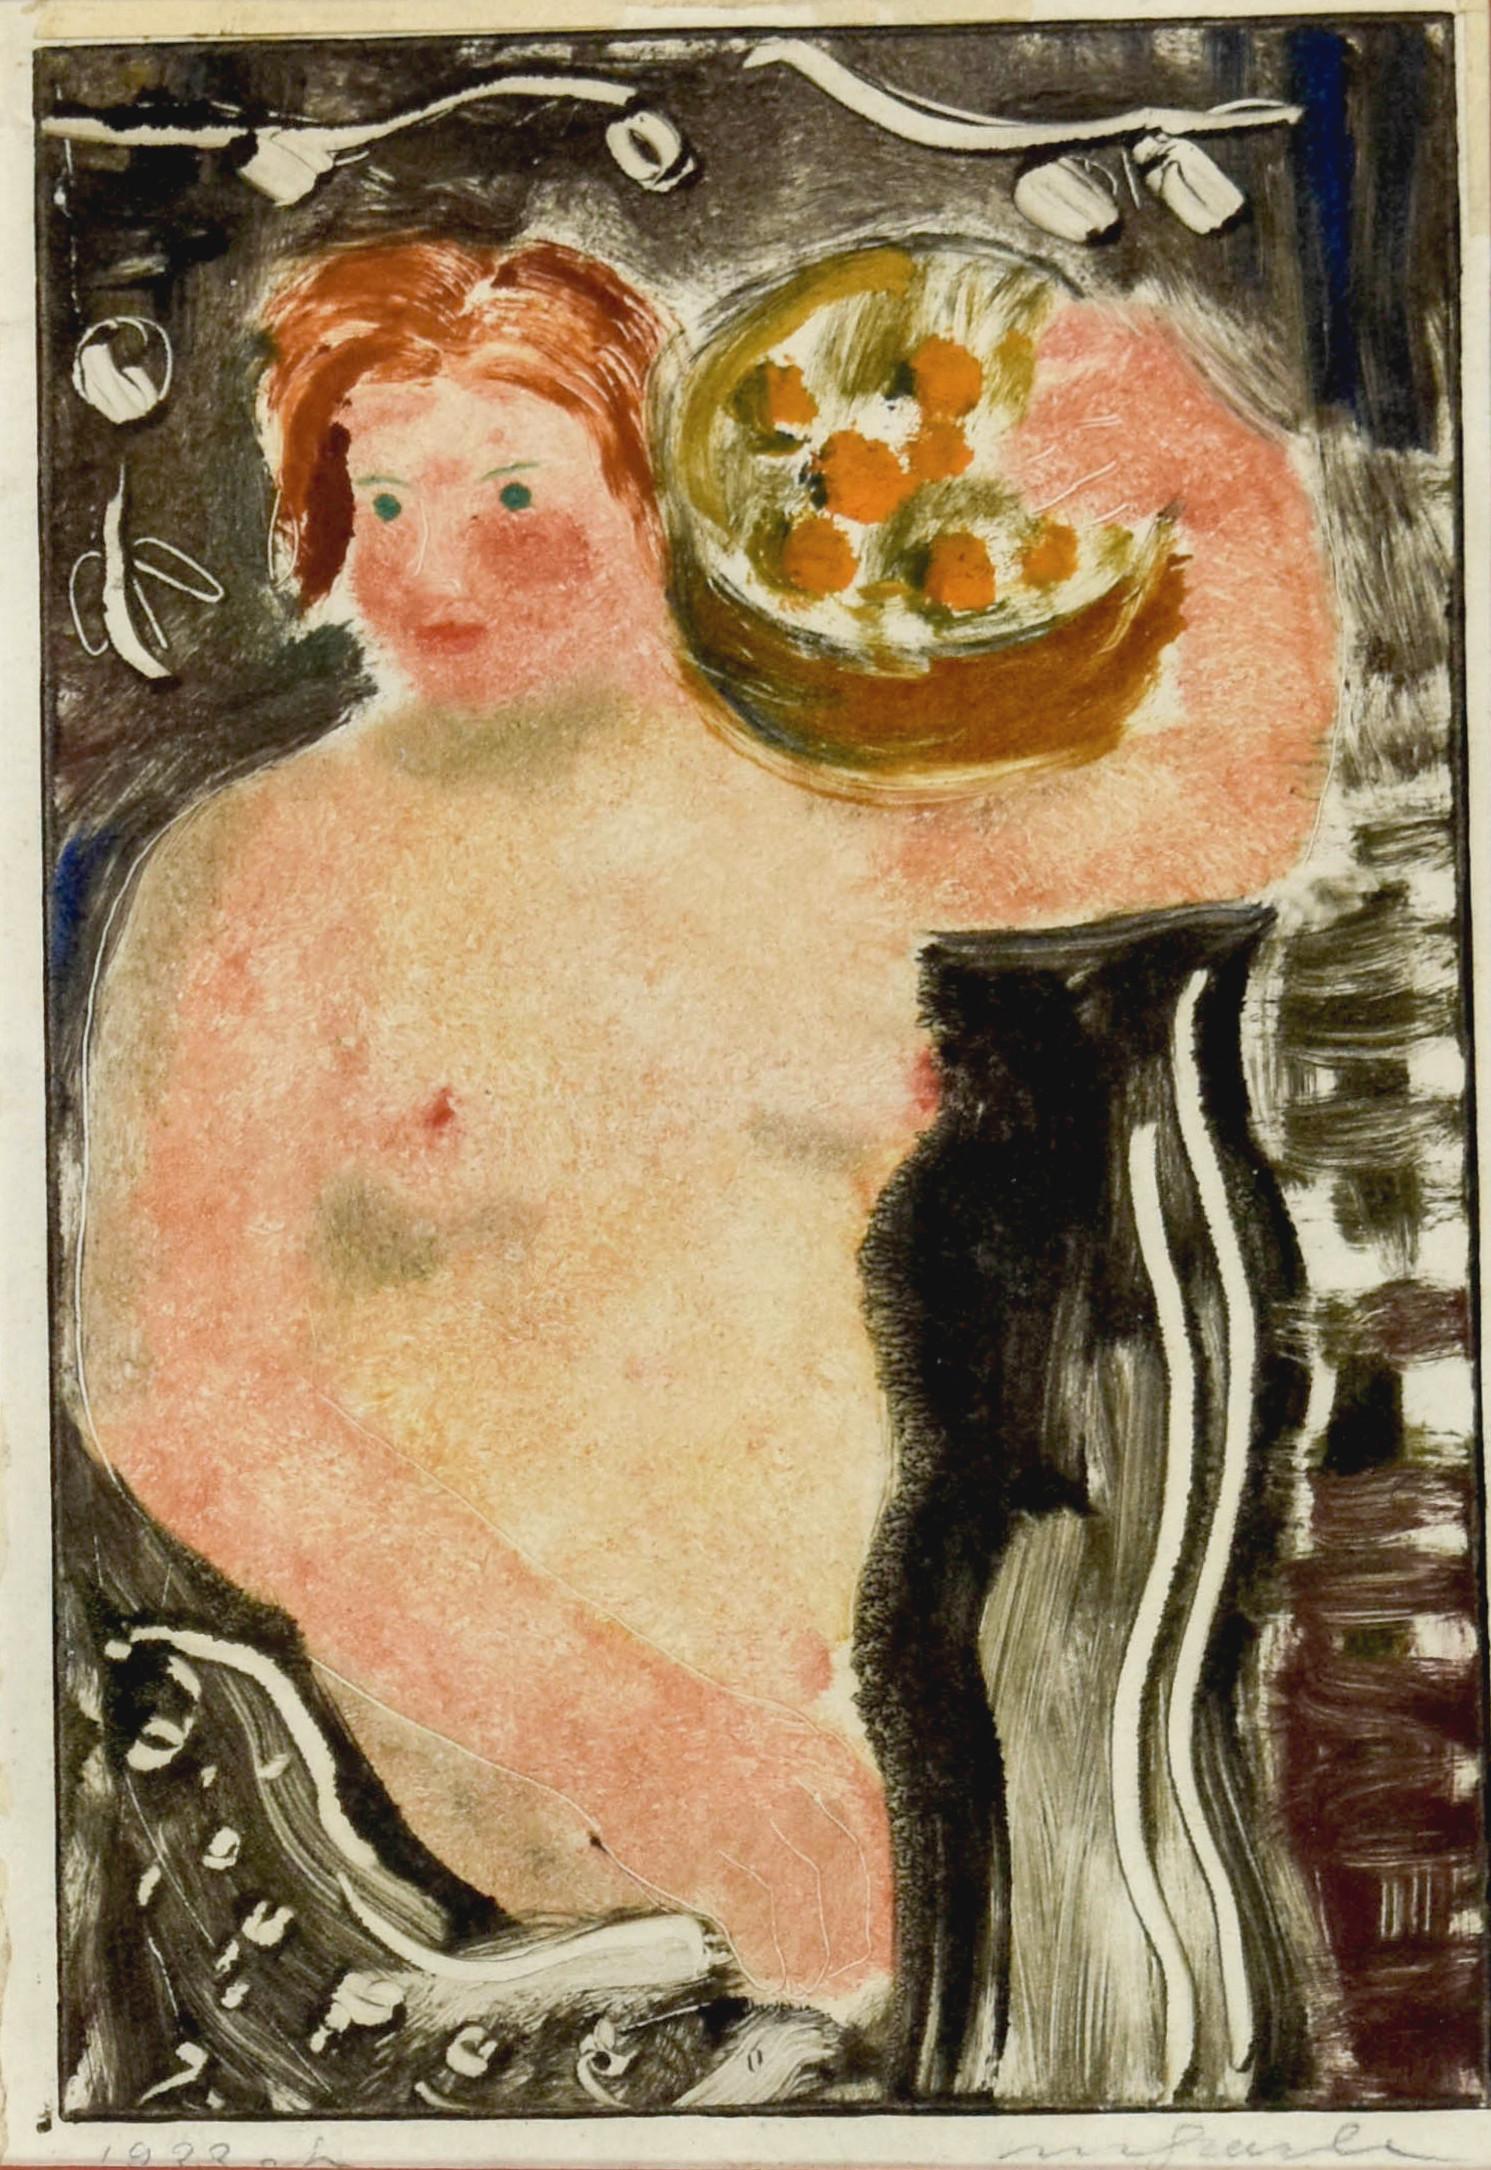 Akt kobiety z koszem owoców, 1928